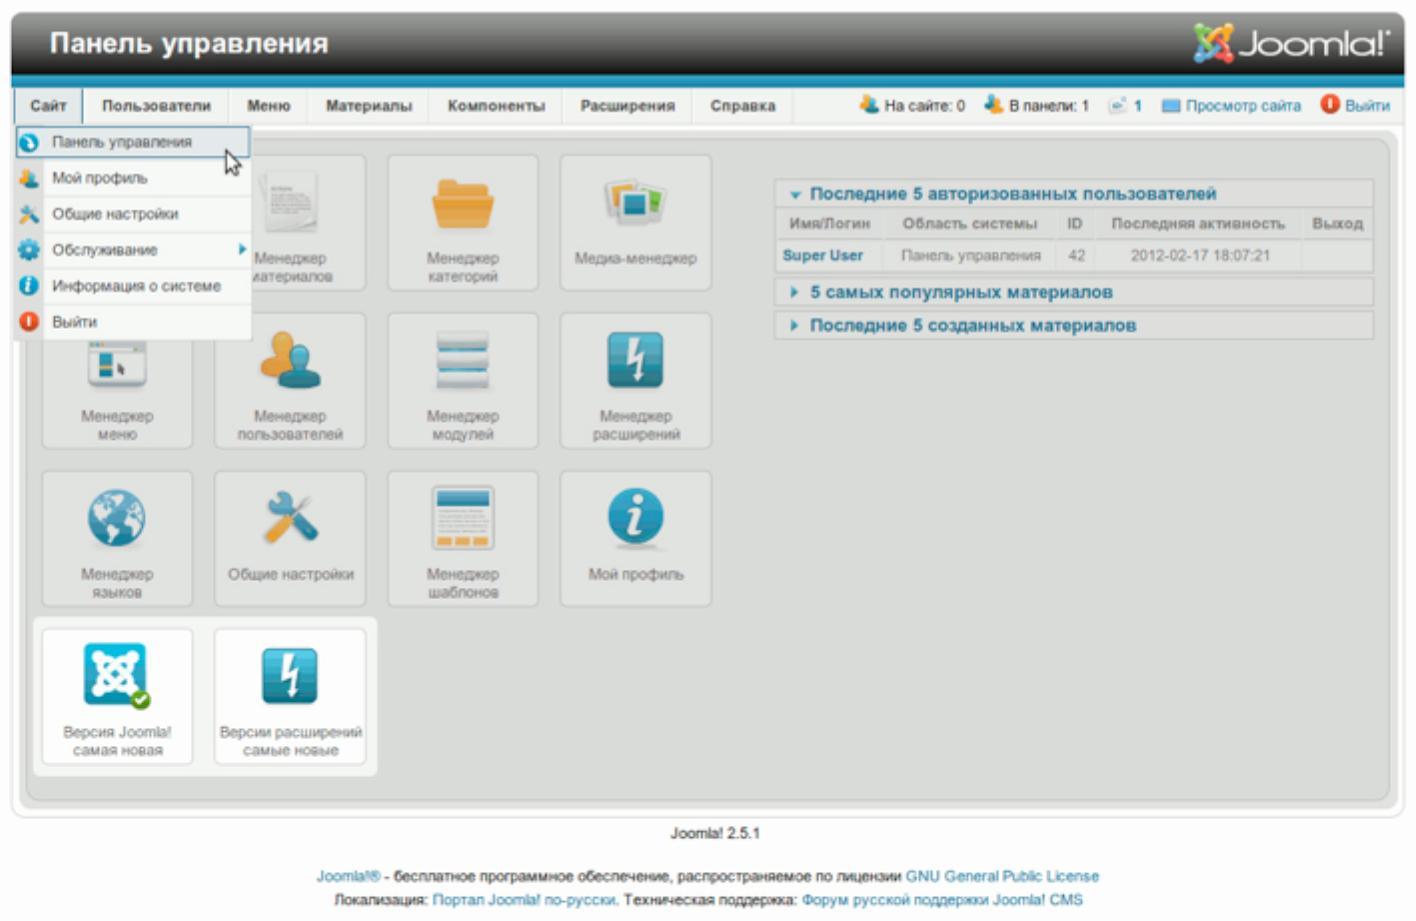 Как сделать панель администратора на сайте